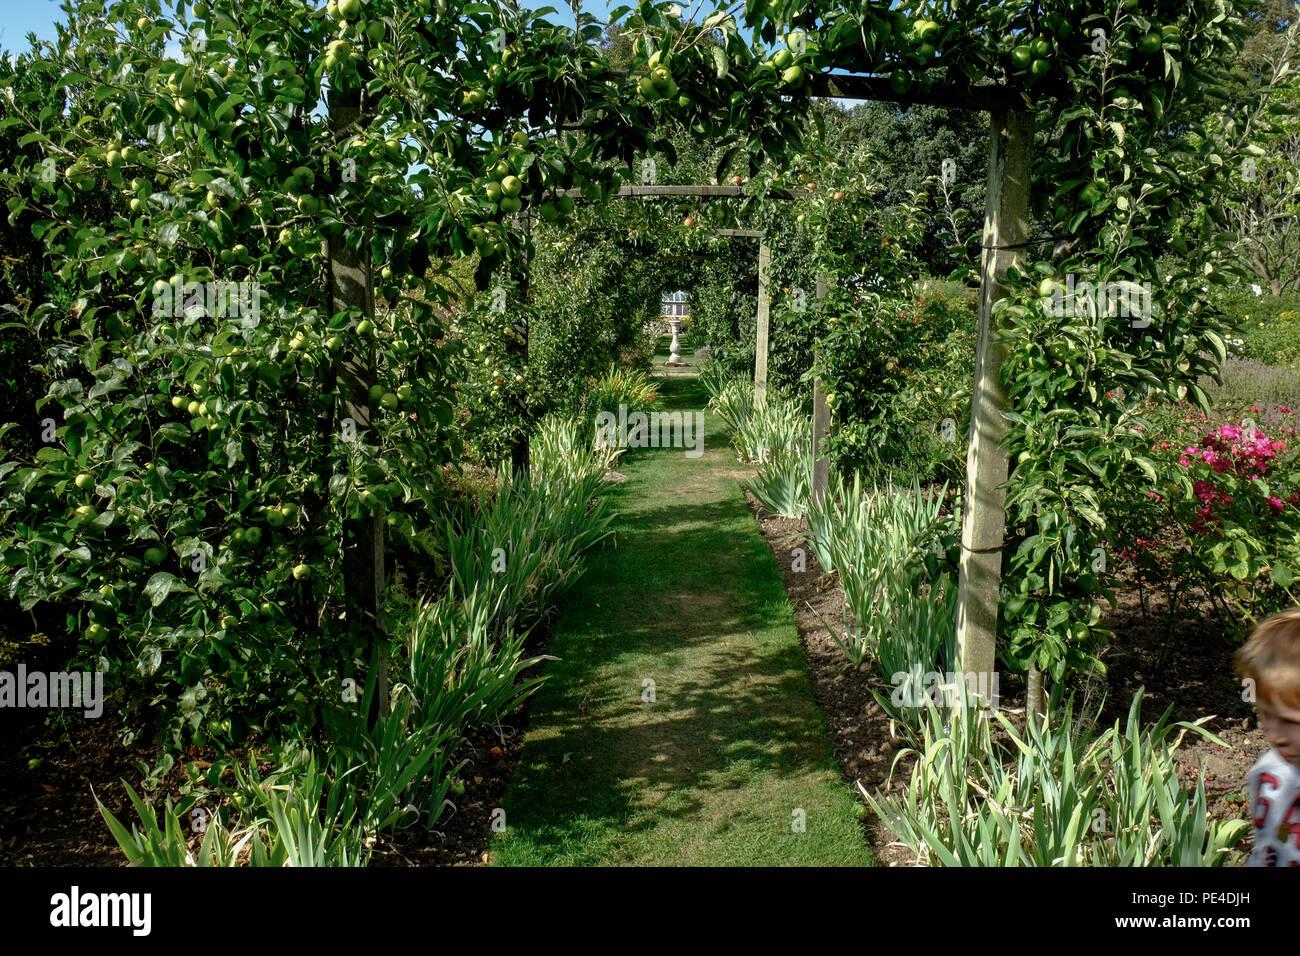 Tunnel Zu Fuß Von Obstbäumen Und Blumen In Einem Englischen Garten